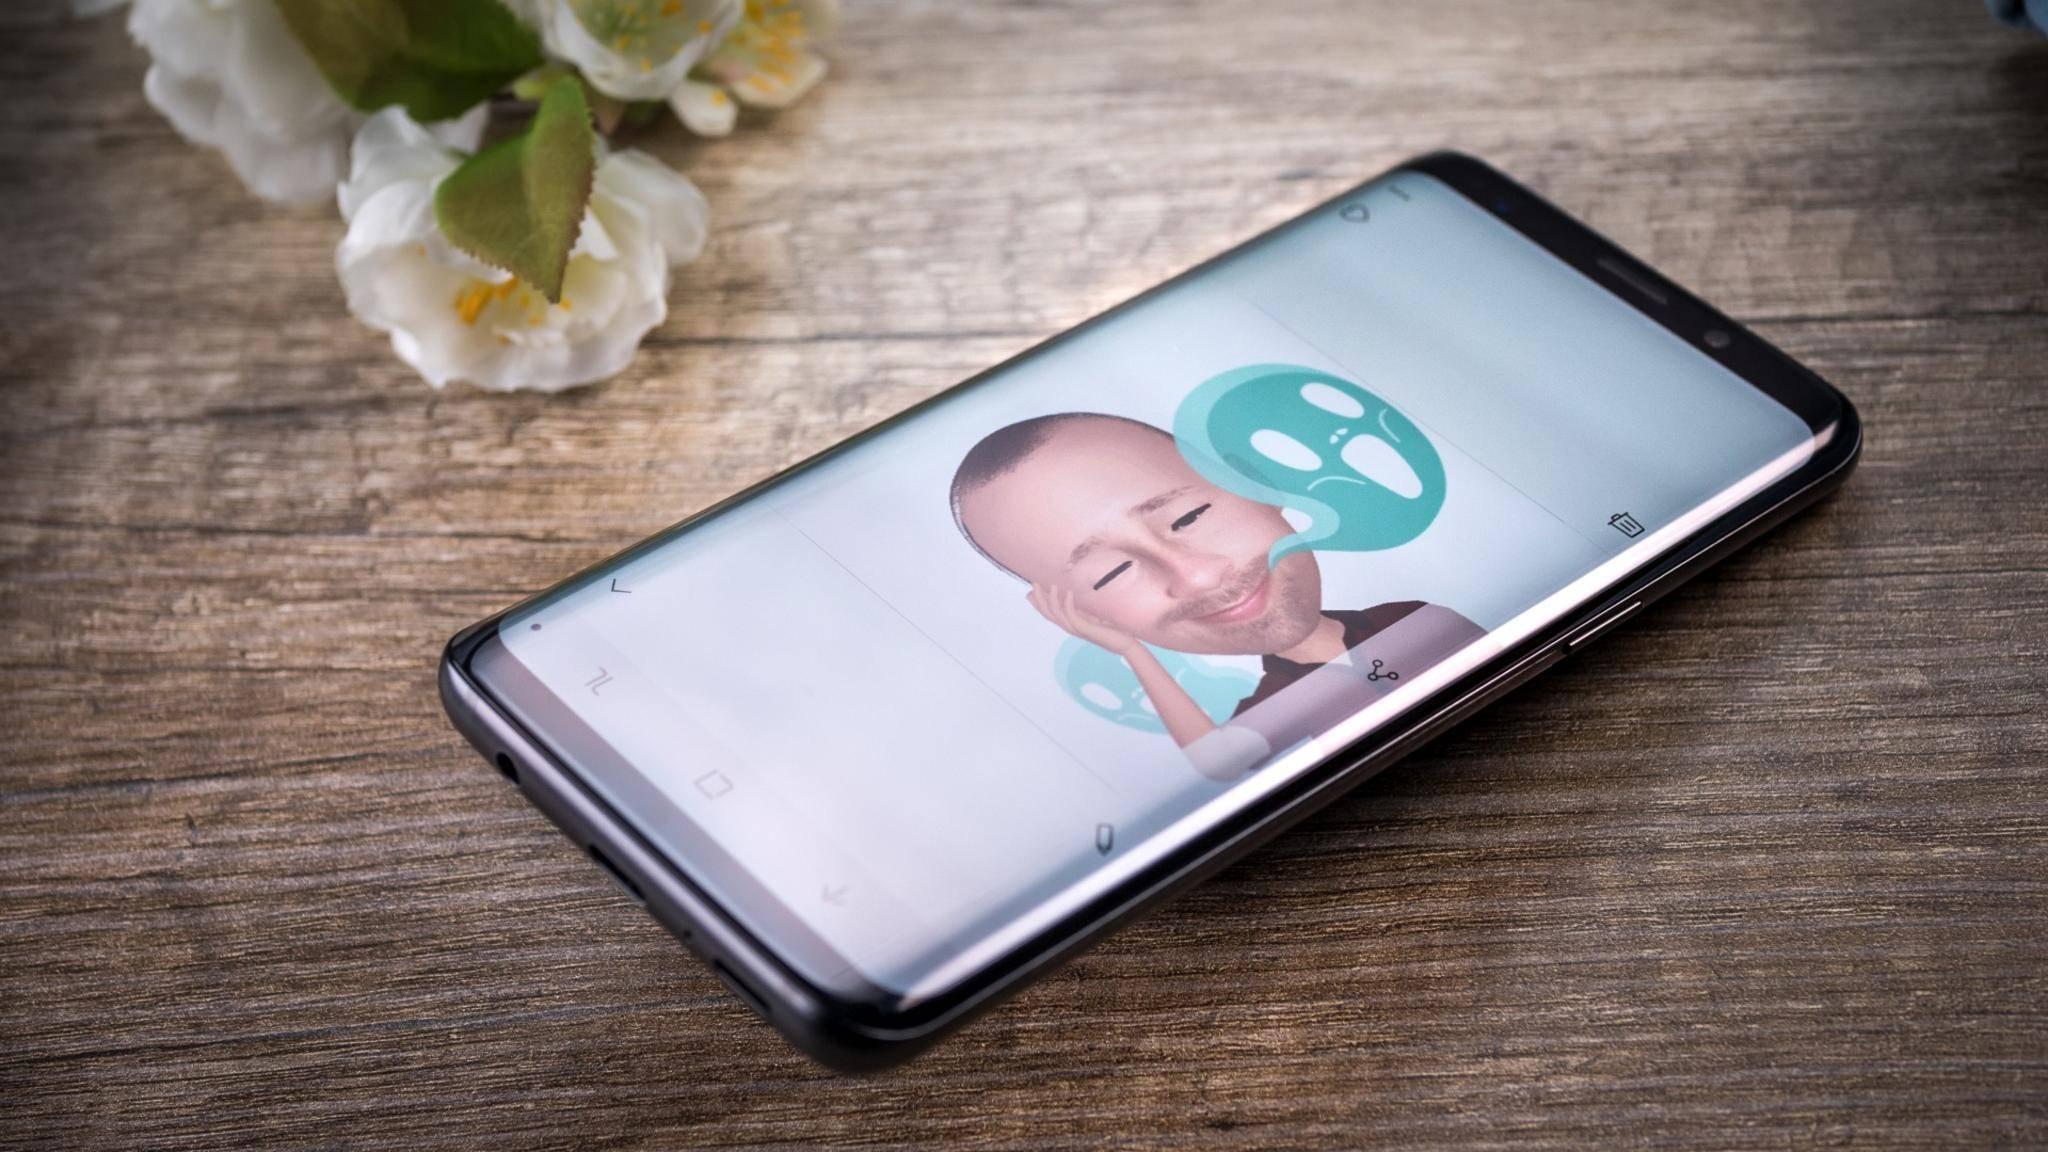 Der hohe Preis des Galaxy S9 bereitet Kopfschmerzen, aber die Qualität stimmt.